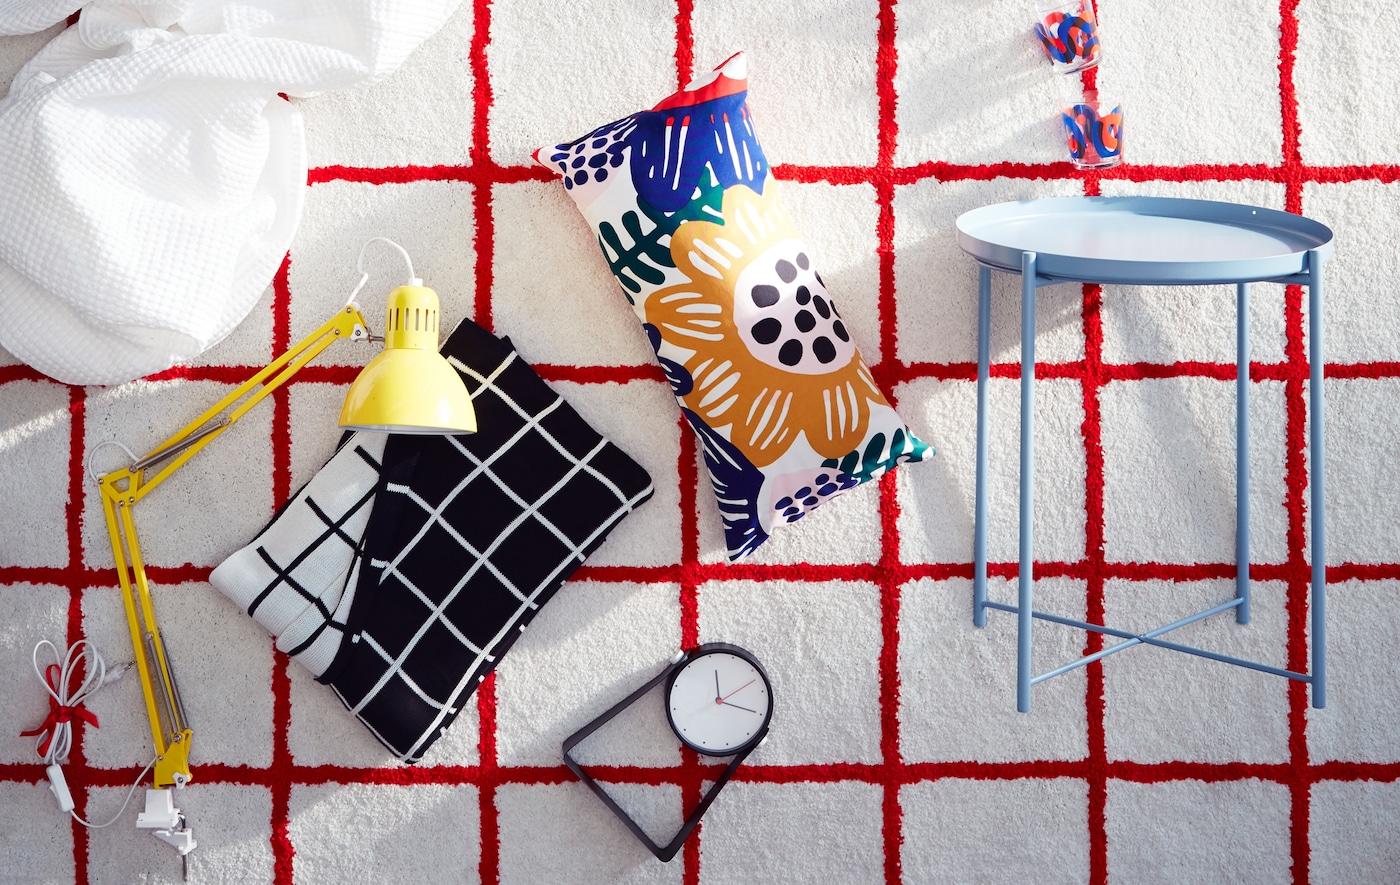 宜家 SIMESTED 西姆斯泰 白色地毯饰有亮红色正方形图案和长绒,能为配套产品营造出众的背景。